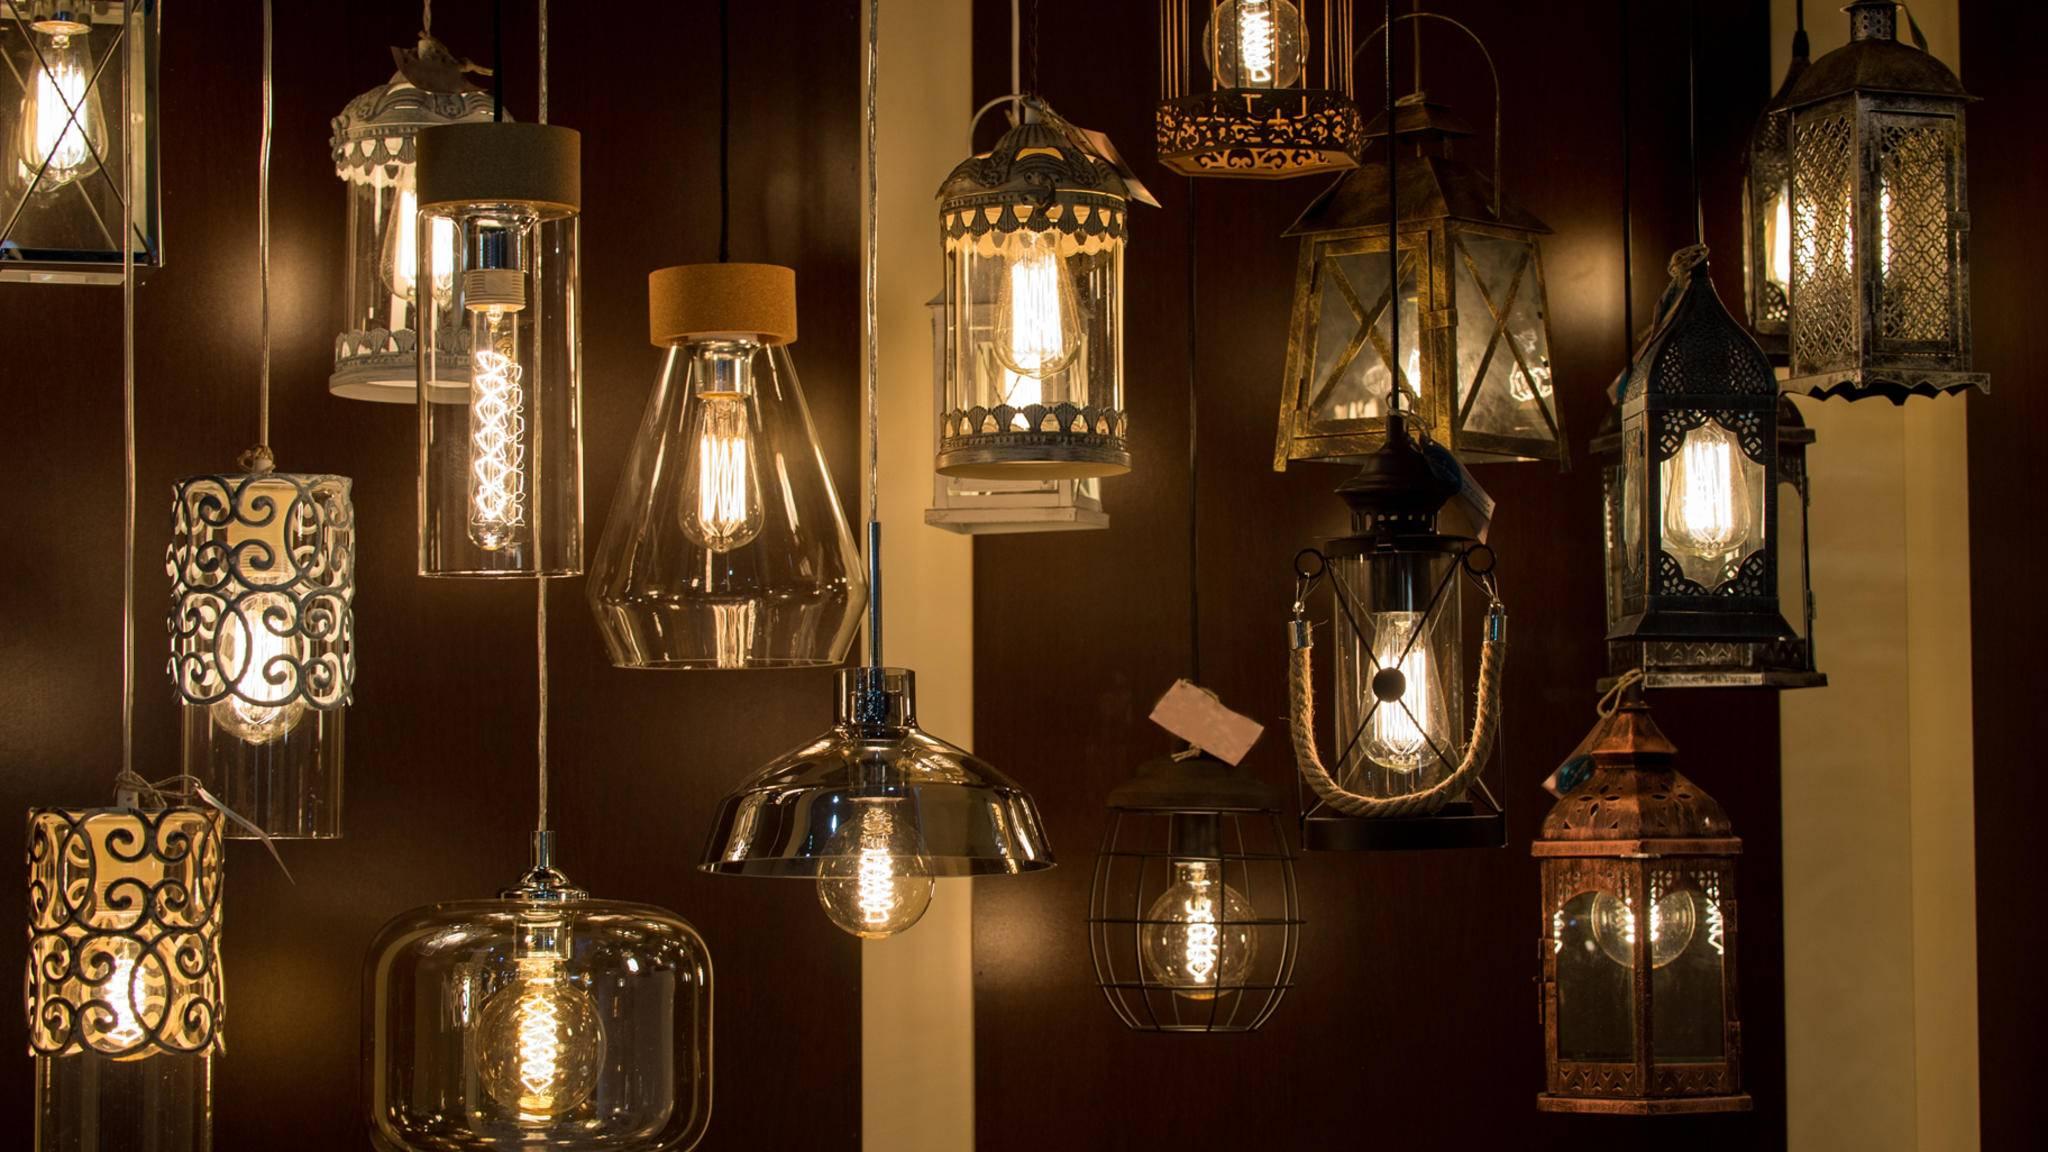 Schöne Deko selber machen: 8 Ideen für Do-it-yourself-Lampen